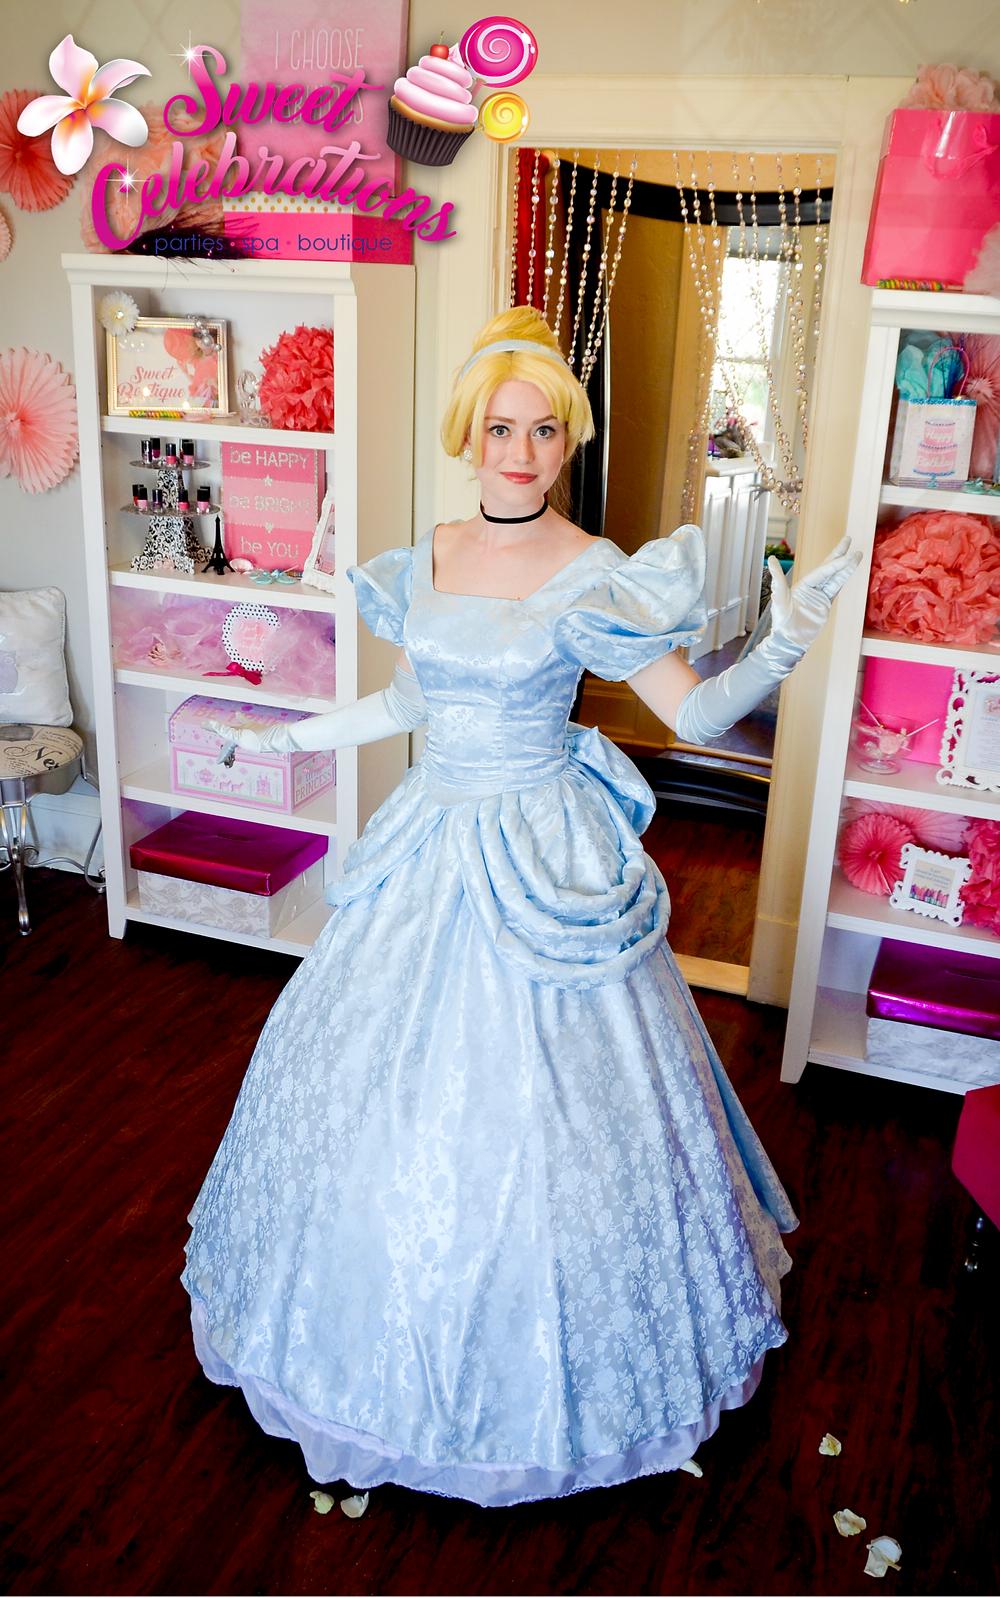 Cinderella princess appearance